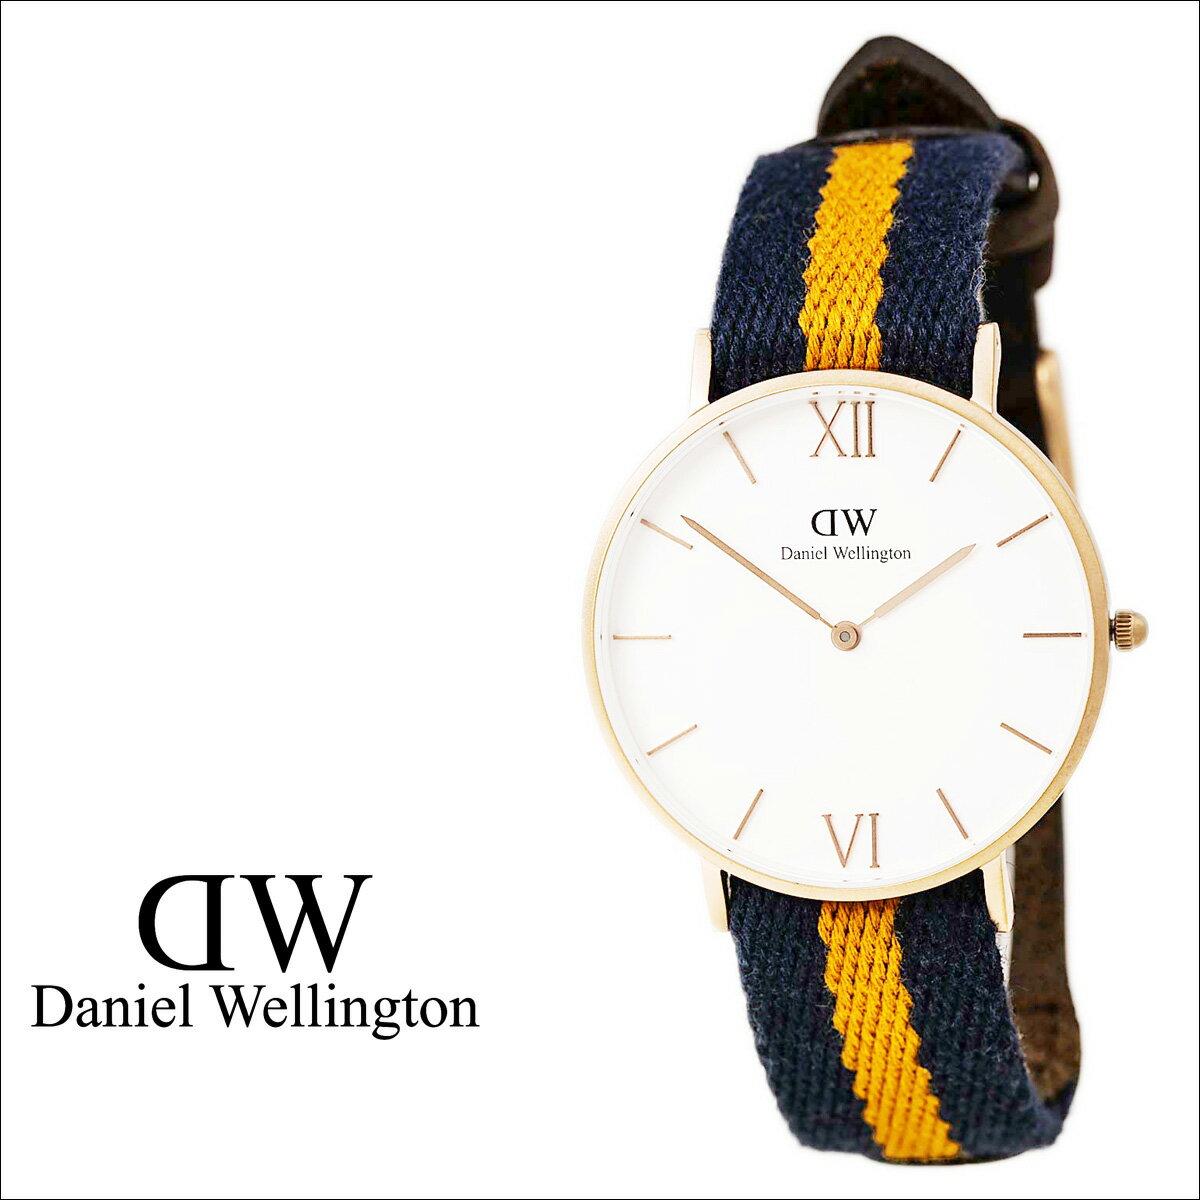 ダニエルウェリントン Daniel Wellington 36mm 腕時計 レディース  0554DW GRACE SELWYN  ローズゴールド レザー [S20]  送料無料  ダニエル ウェリントン Daniel Wellington 腕時計 36ミリ 正規  通販